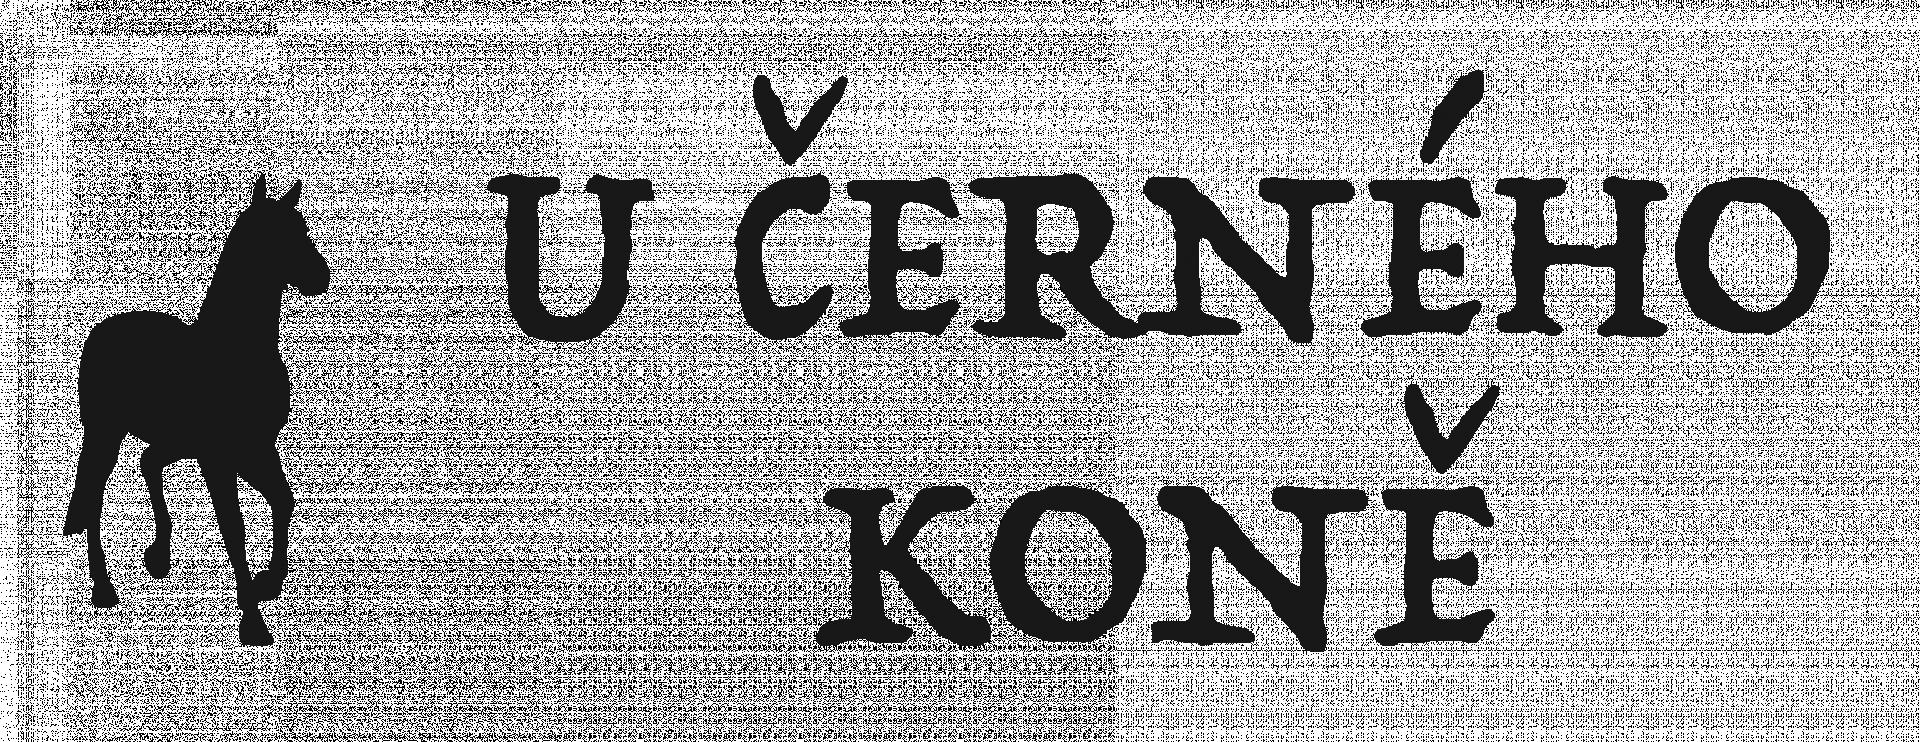 Černý kůň logo